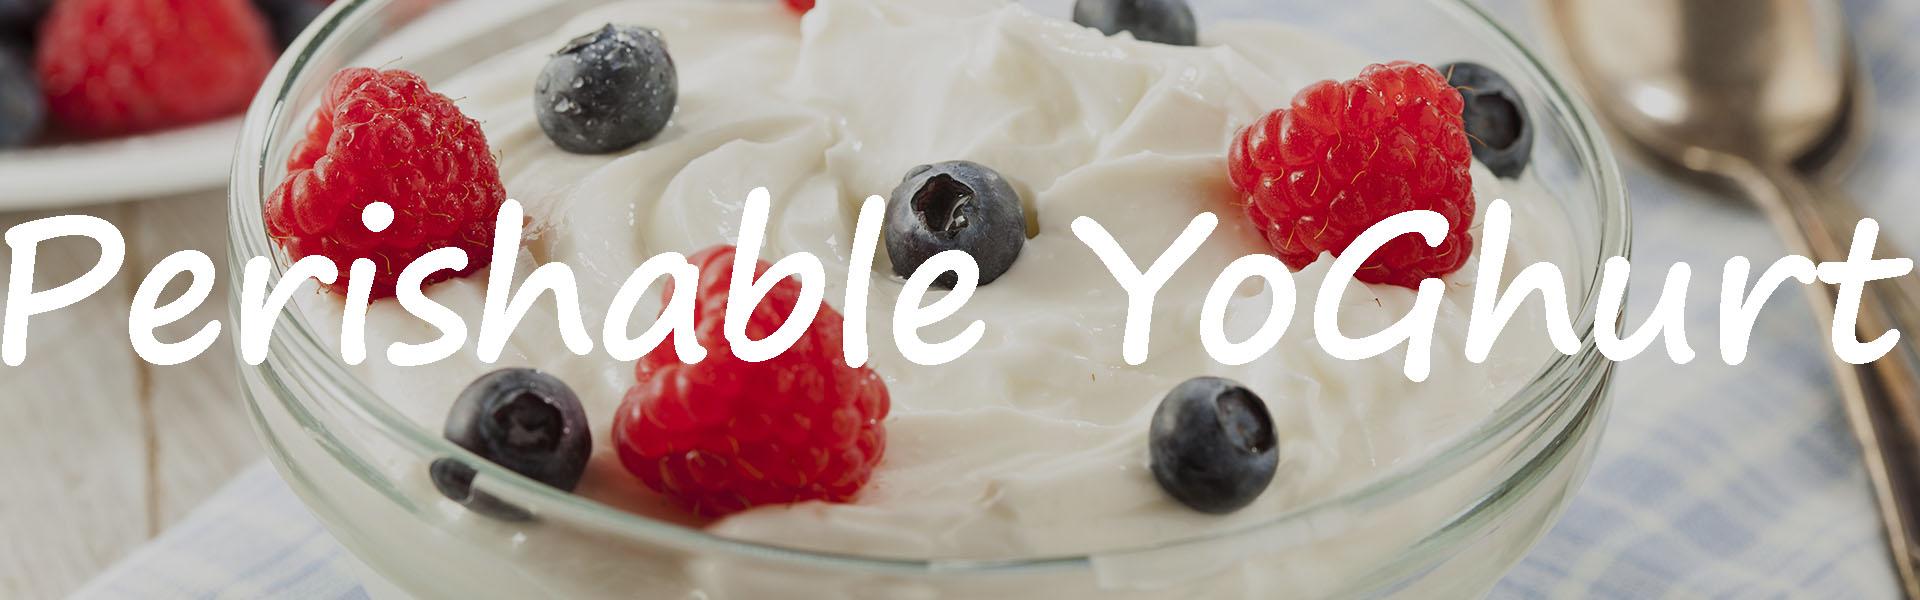 web-ready-perishable-yoghurt-3